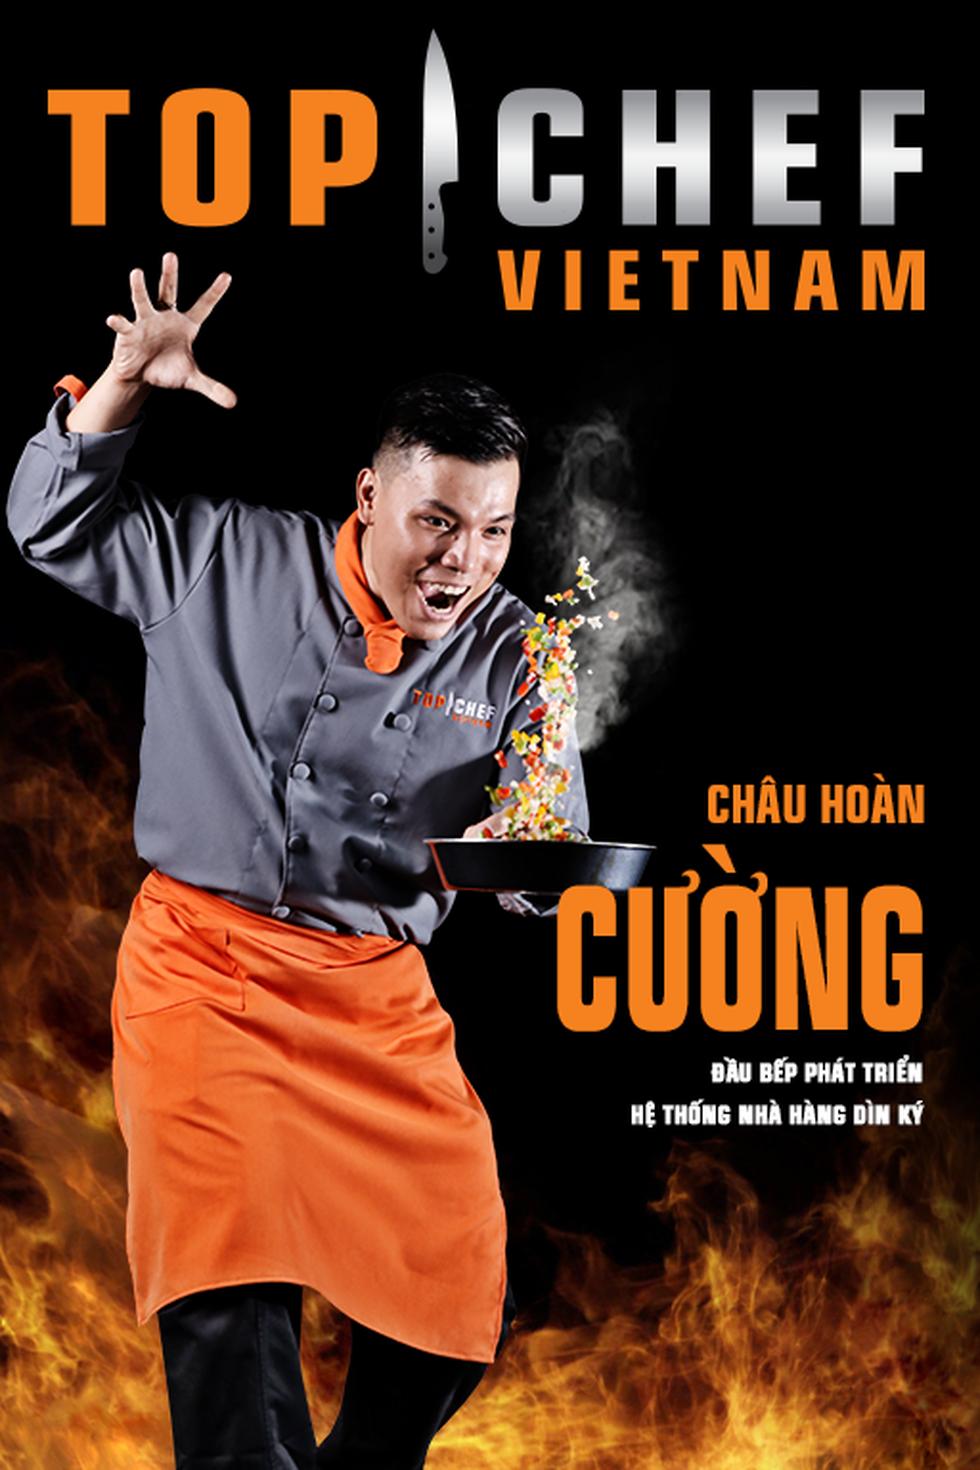 Lộ diện top 14 Đầu bếp thượng đỉnh - Top chef Vietnam 2019 - Ảnh 4.